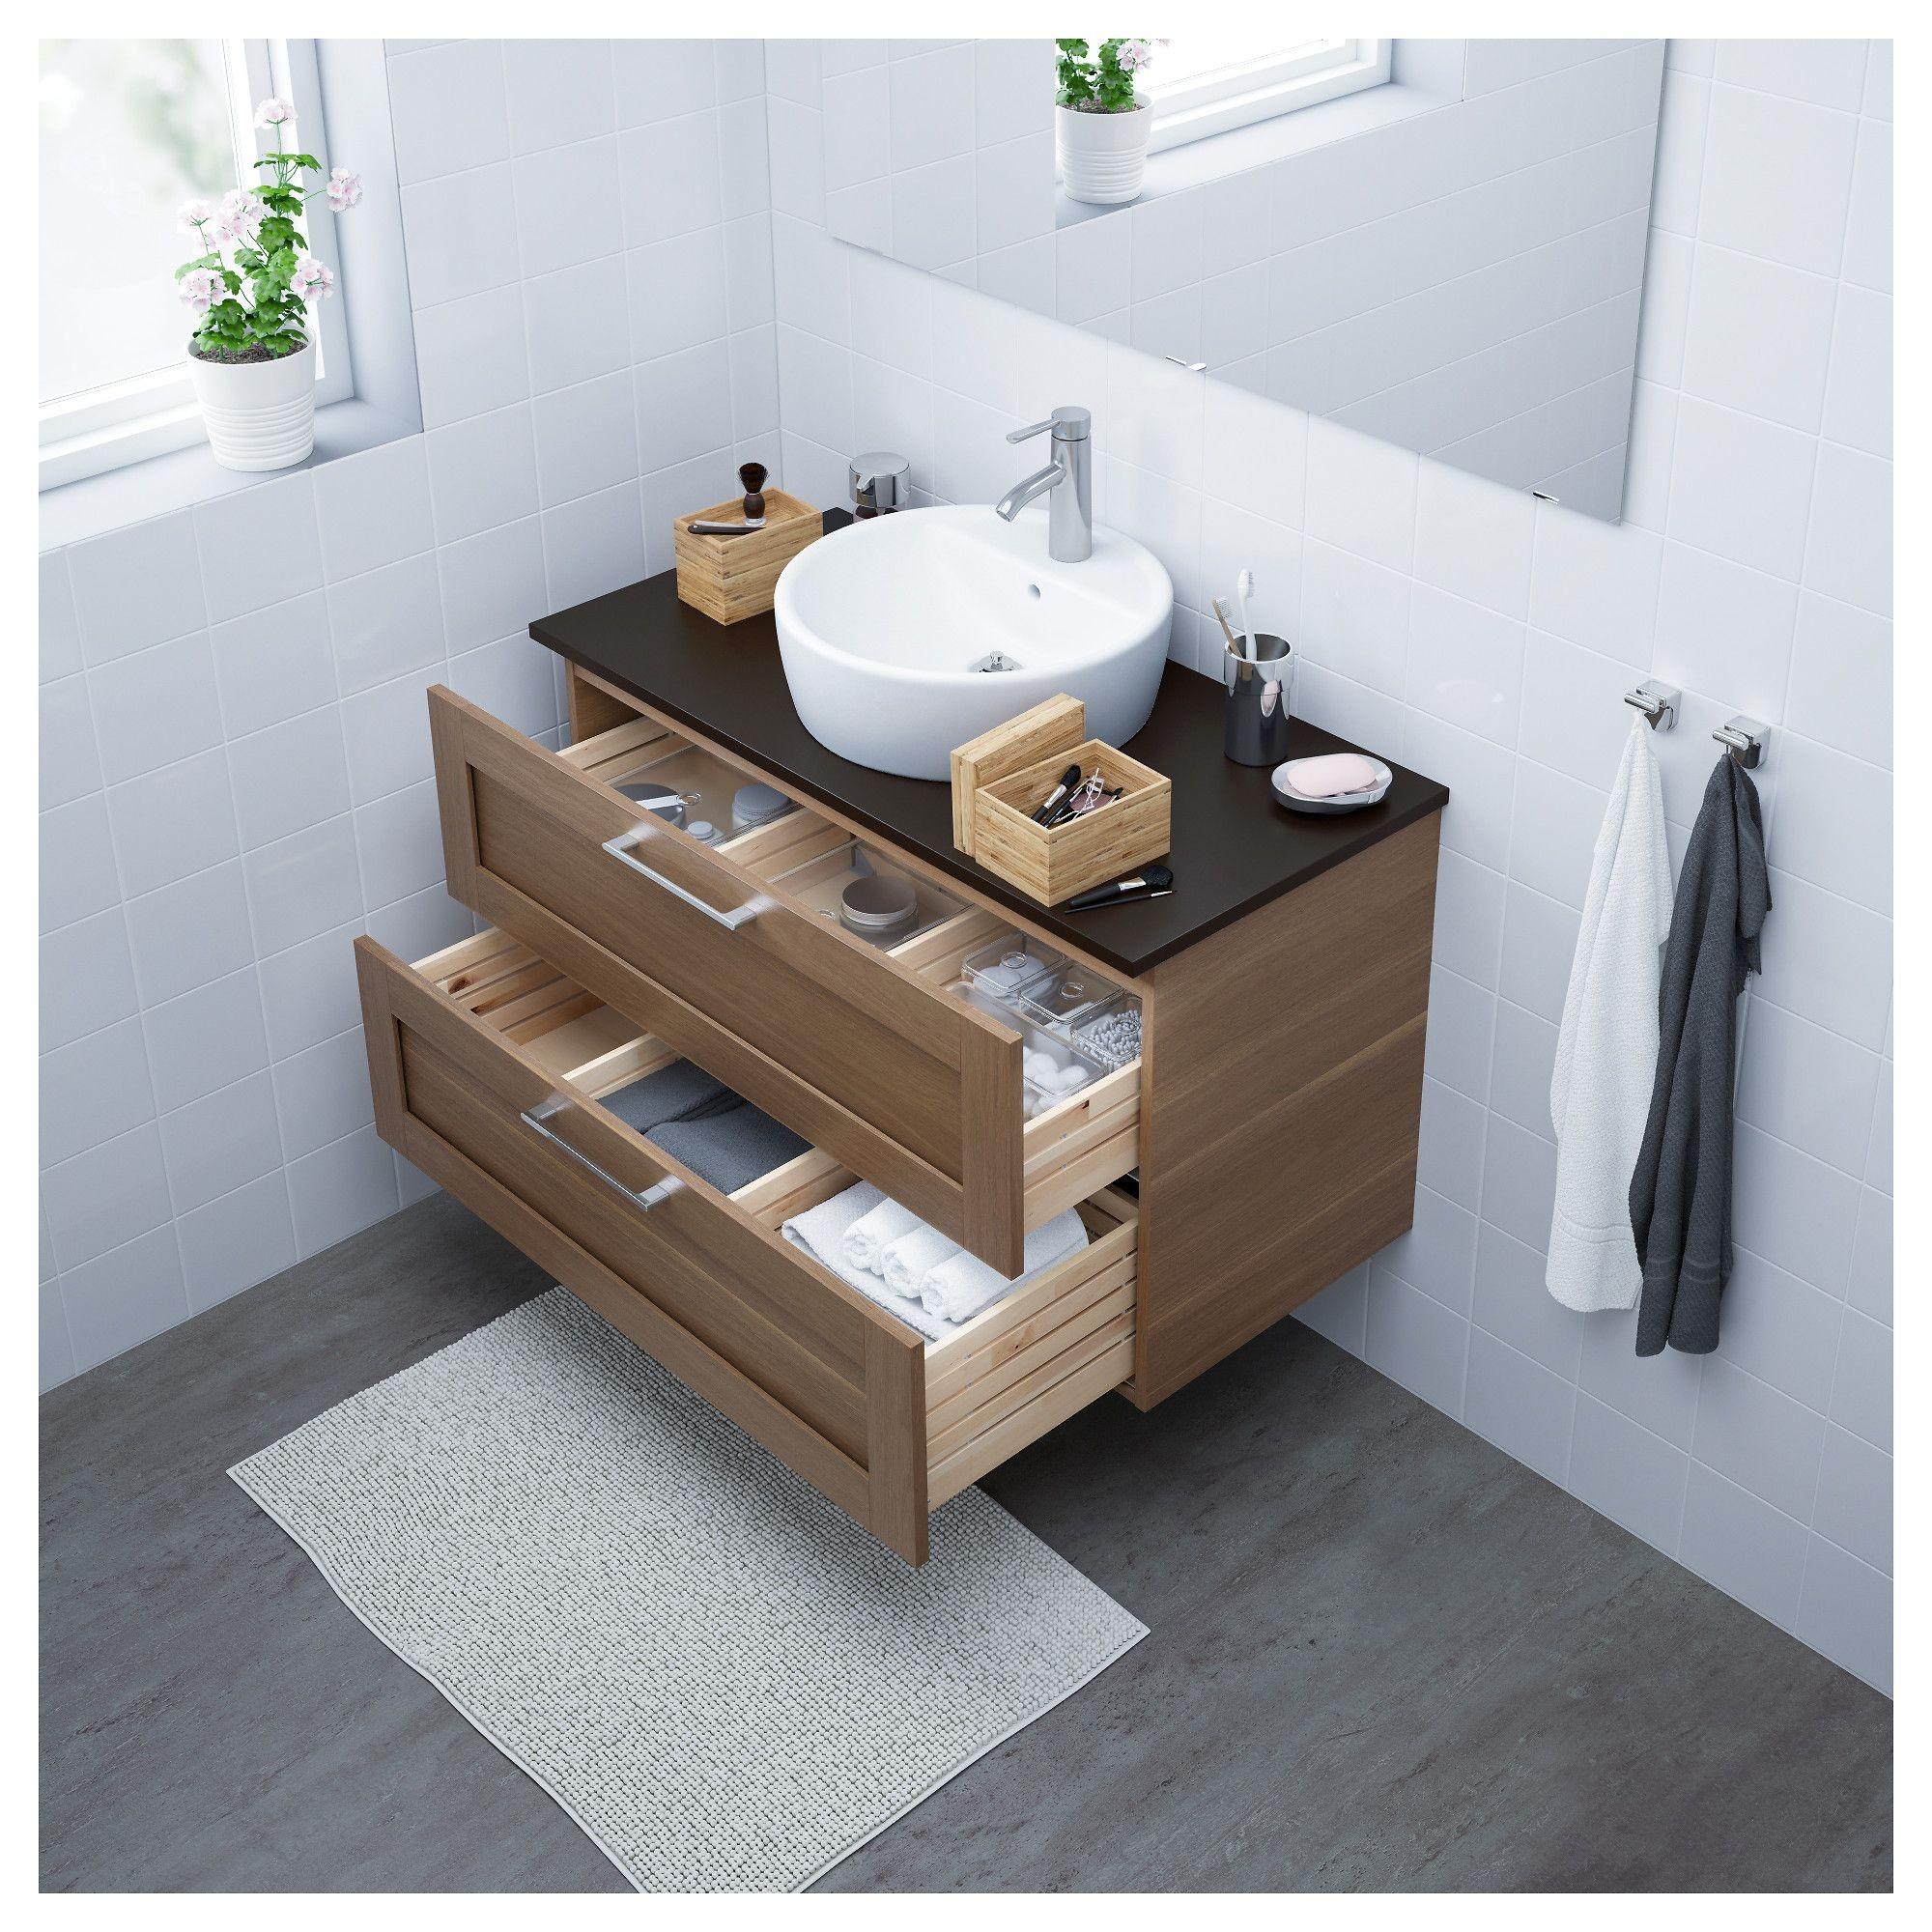 Ikea 3d Salle De Bain Impressionnant Images Salle De Bain Plete Ikea Awesome Design Salle De Bain S Media